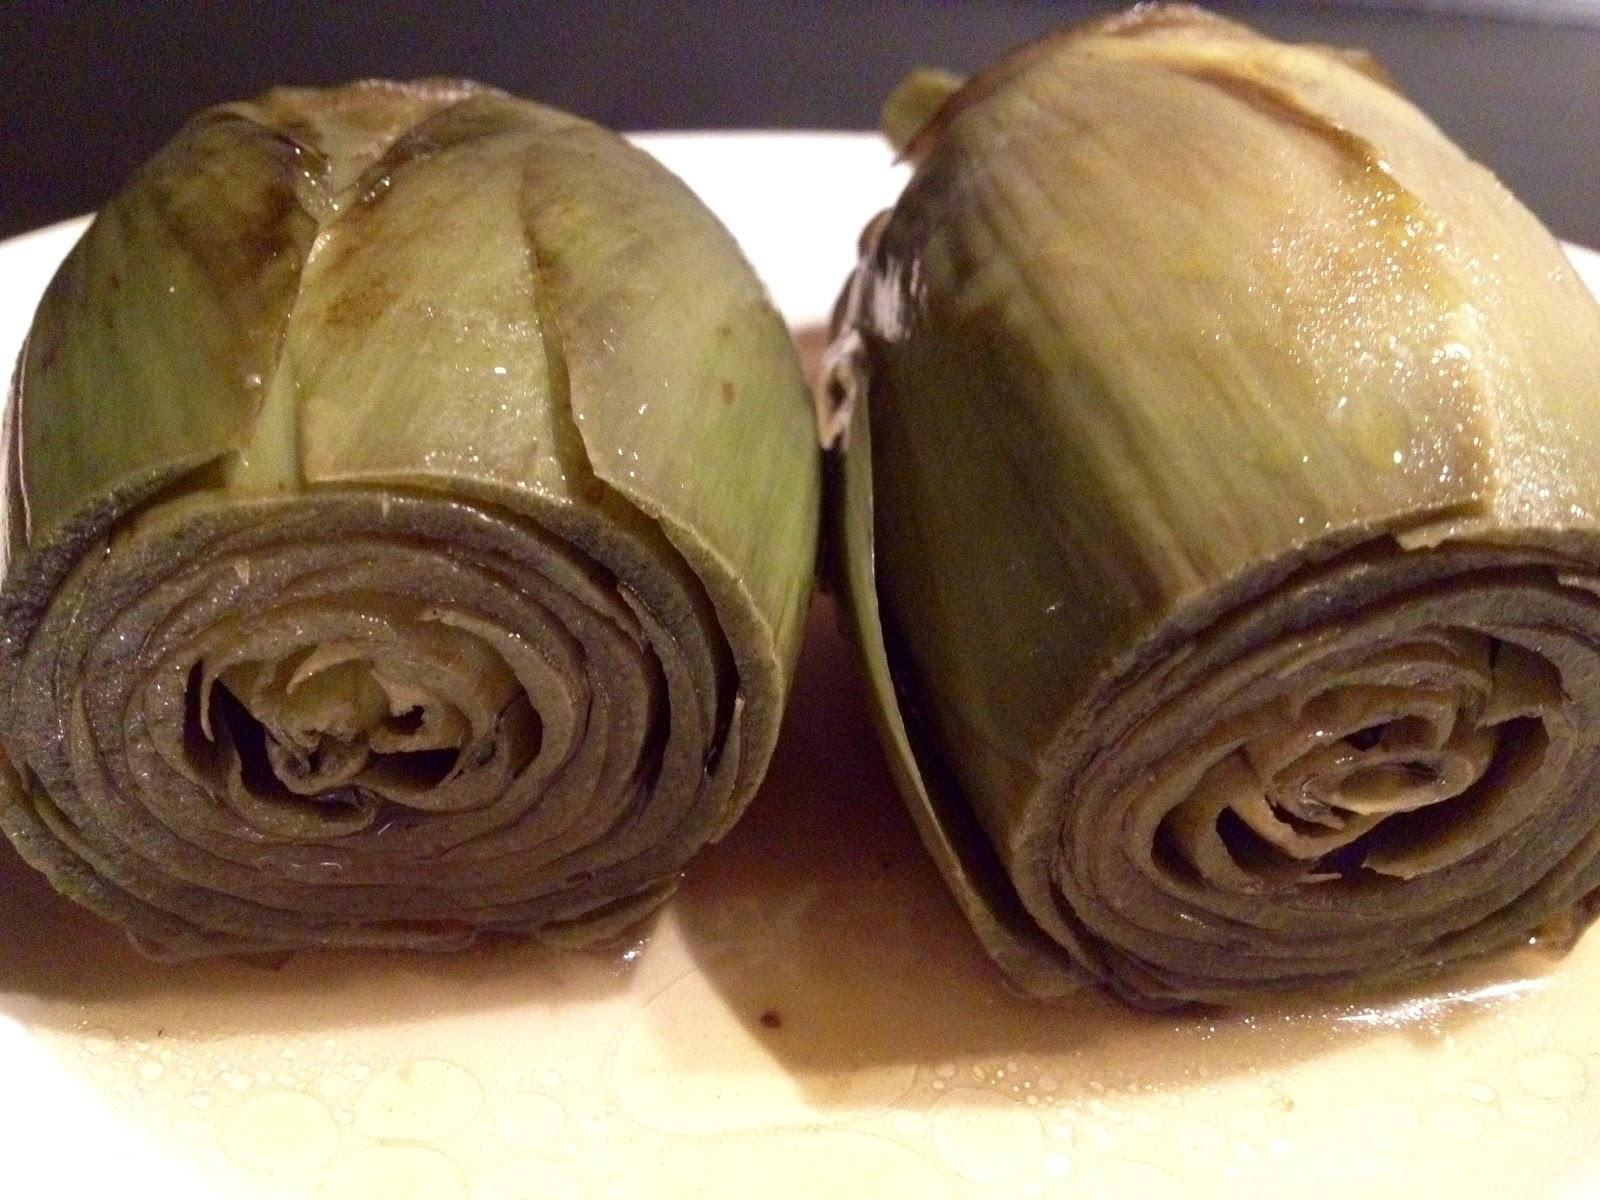 Alcachofas hervidas - Receta con alcachofas - Receta - El gastrónomo - Blog de recetas - ÁlvaroGP - Contenido digital - Content Manager